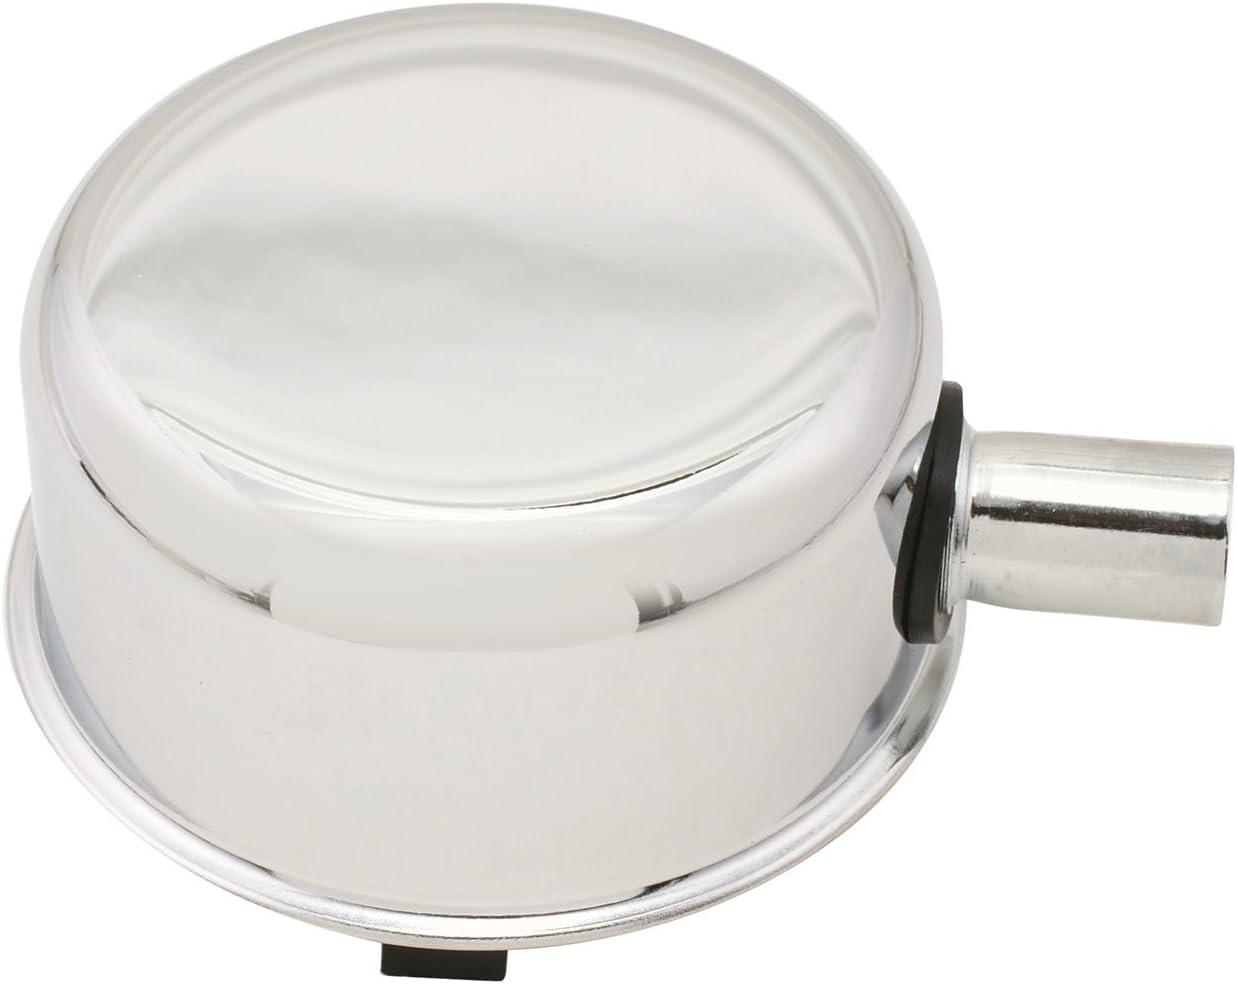 Mr. Gasket Chrome Oil Filler Cap with Pcv Tube